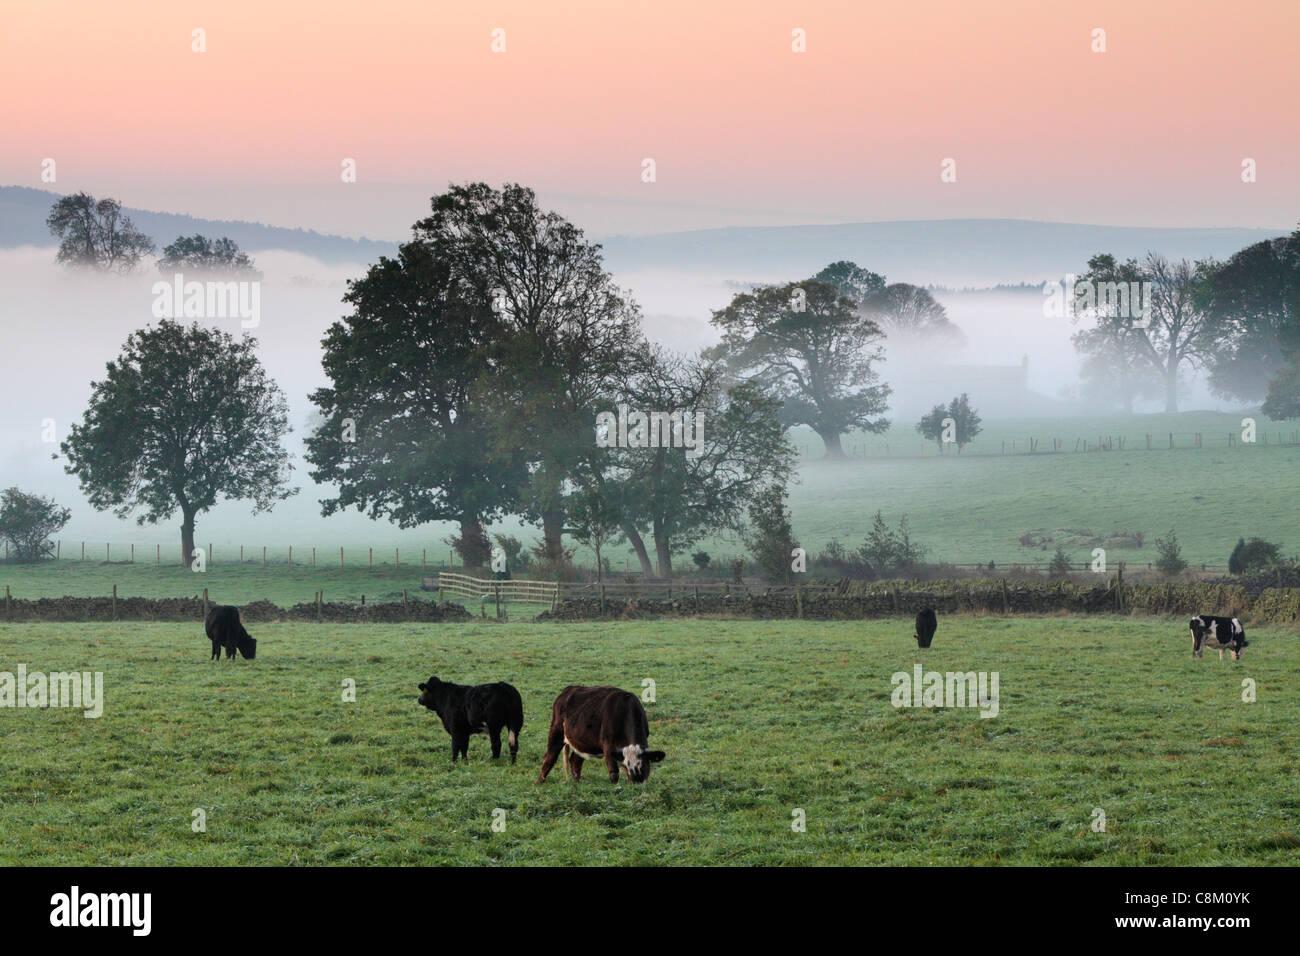 Cattle grazing in misty autumn fields near Fewston in Yoorkshire, England - Stock Image